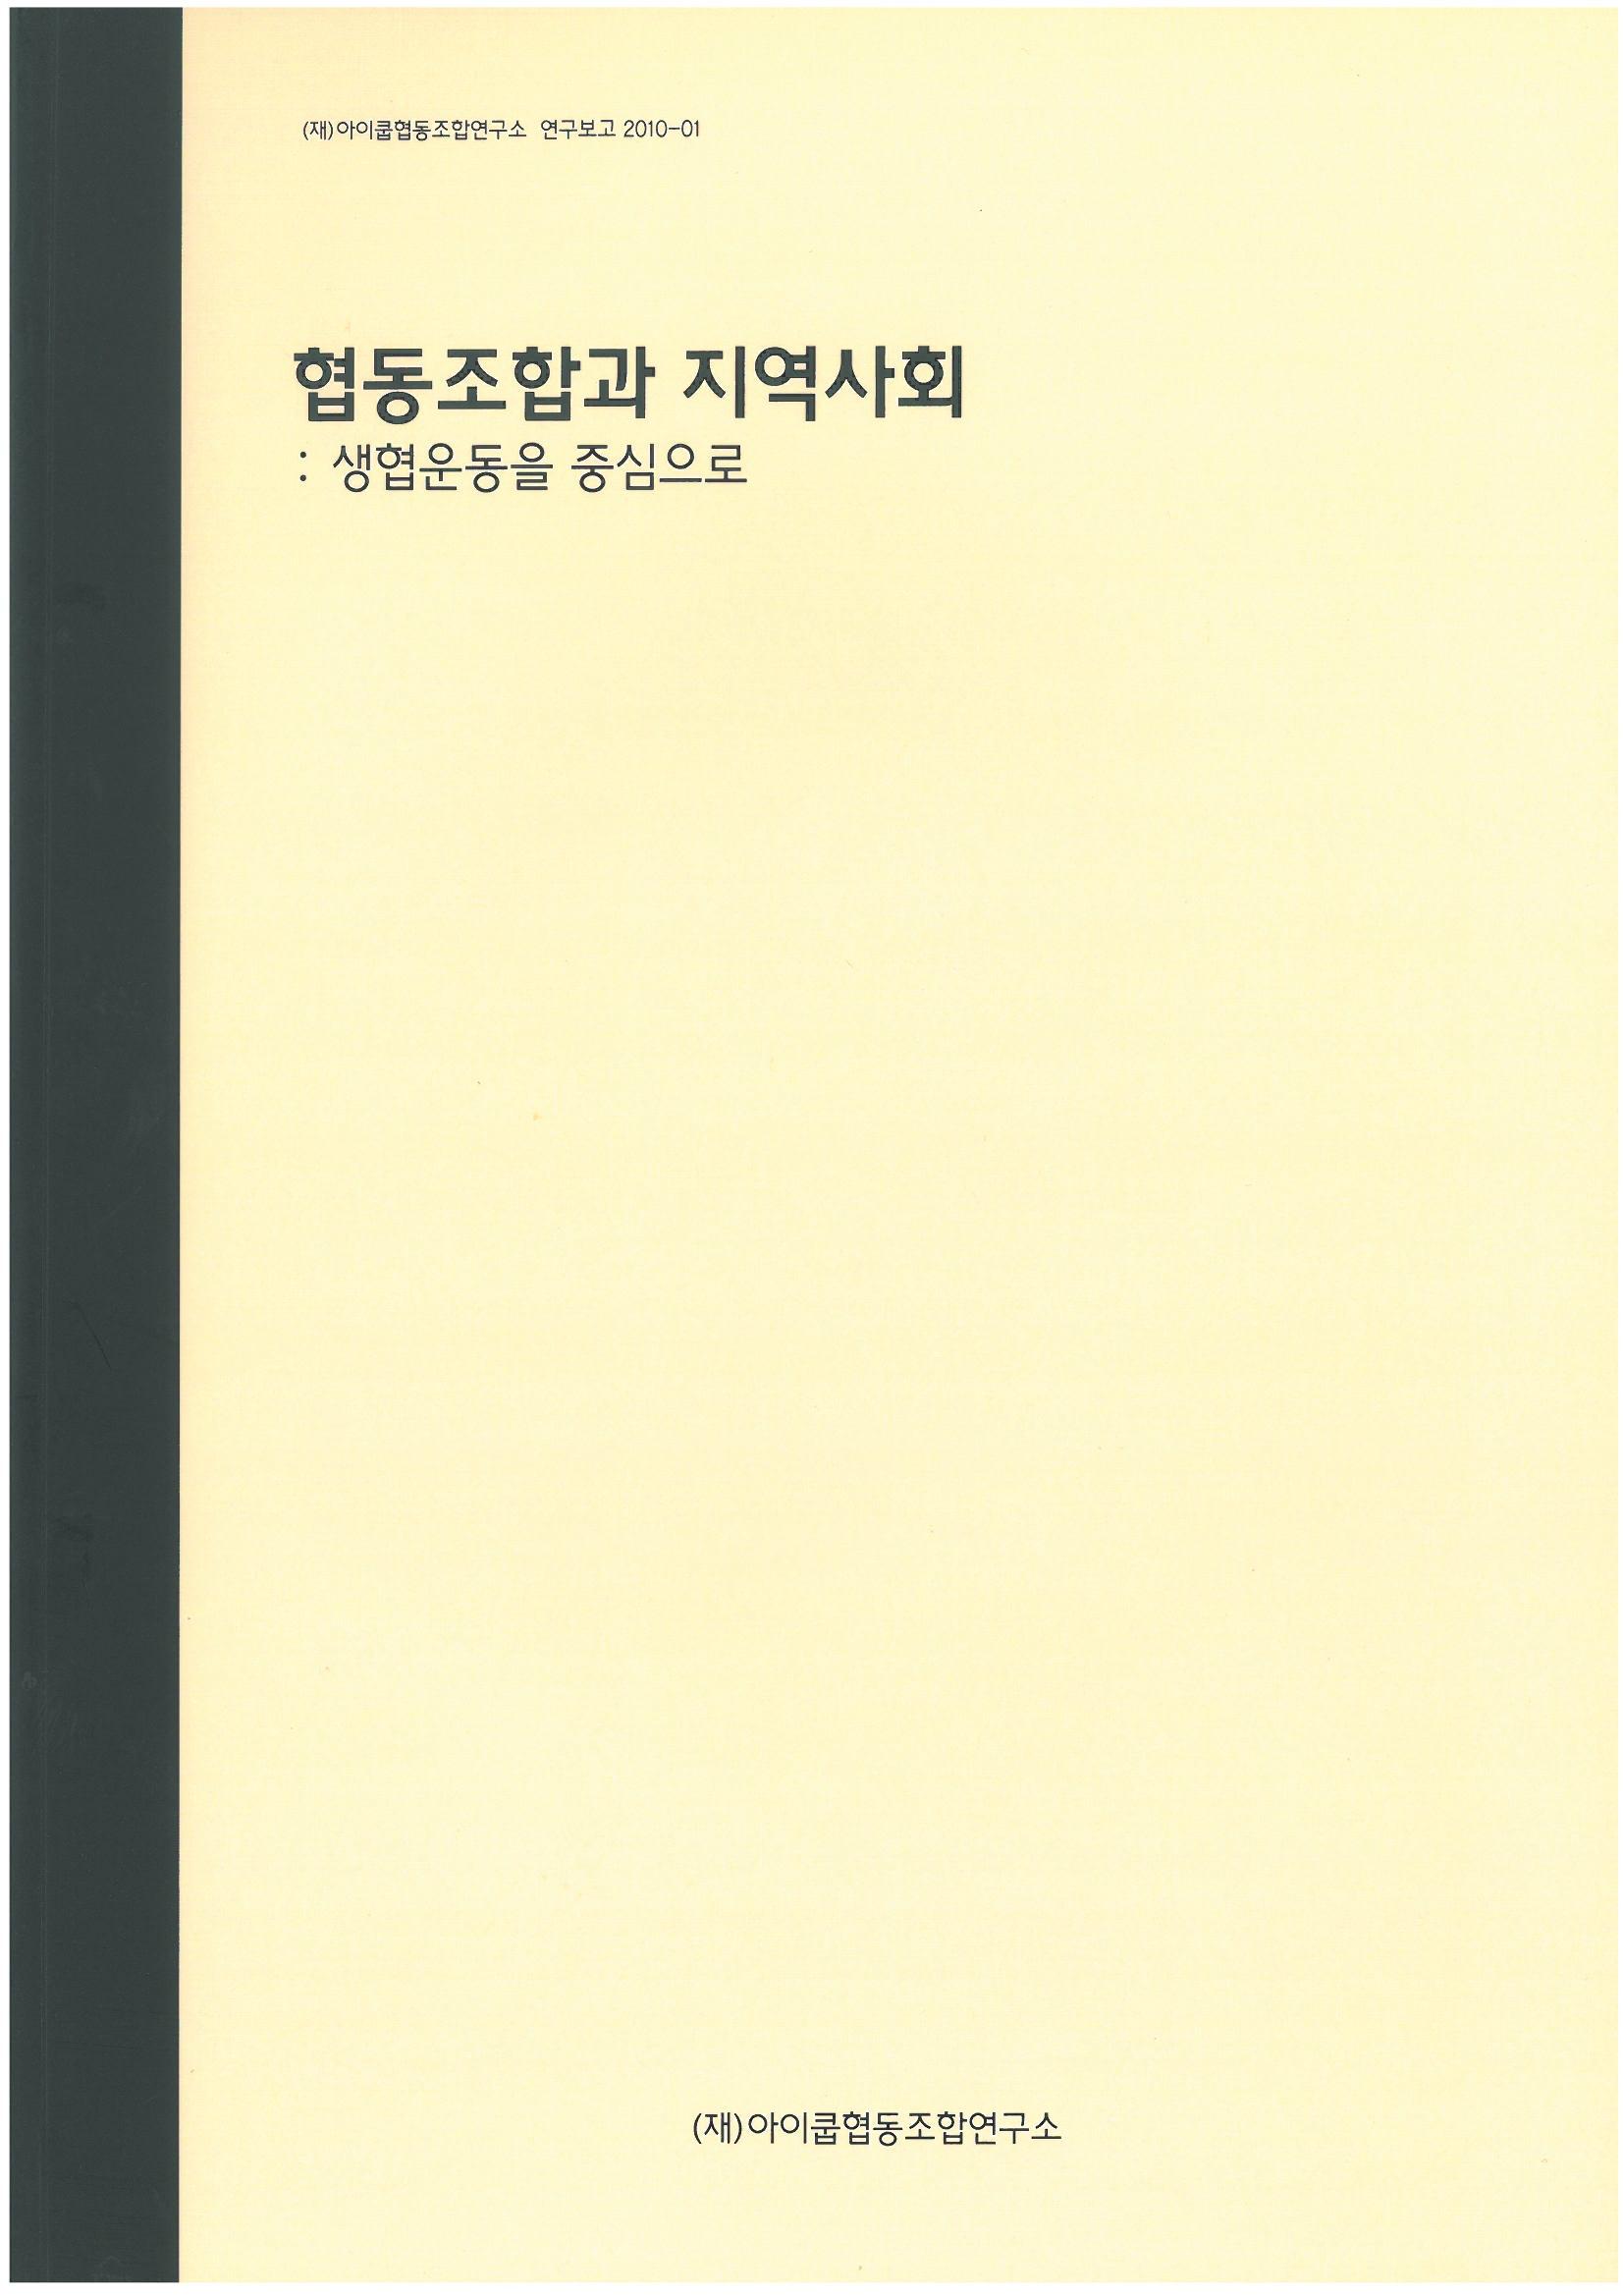 38_『협동조합과 지역사회 생협운동을 중심으로』(염찬희_엄은희_이선옥).jpg